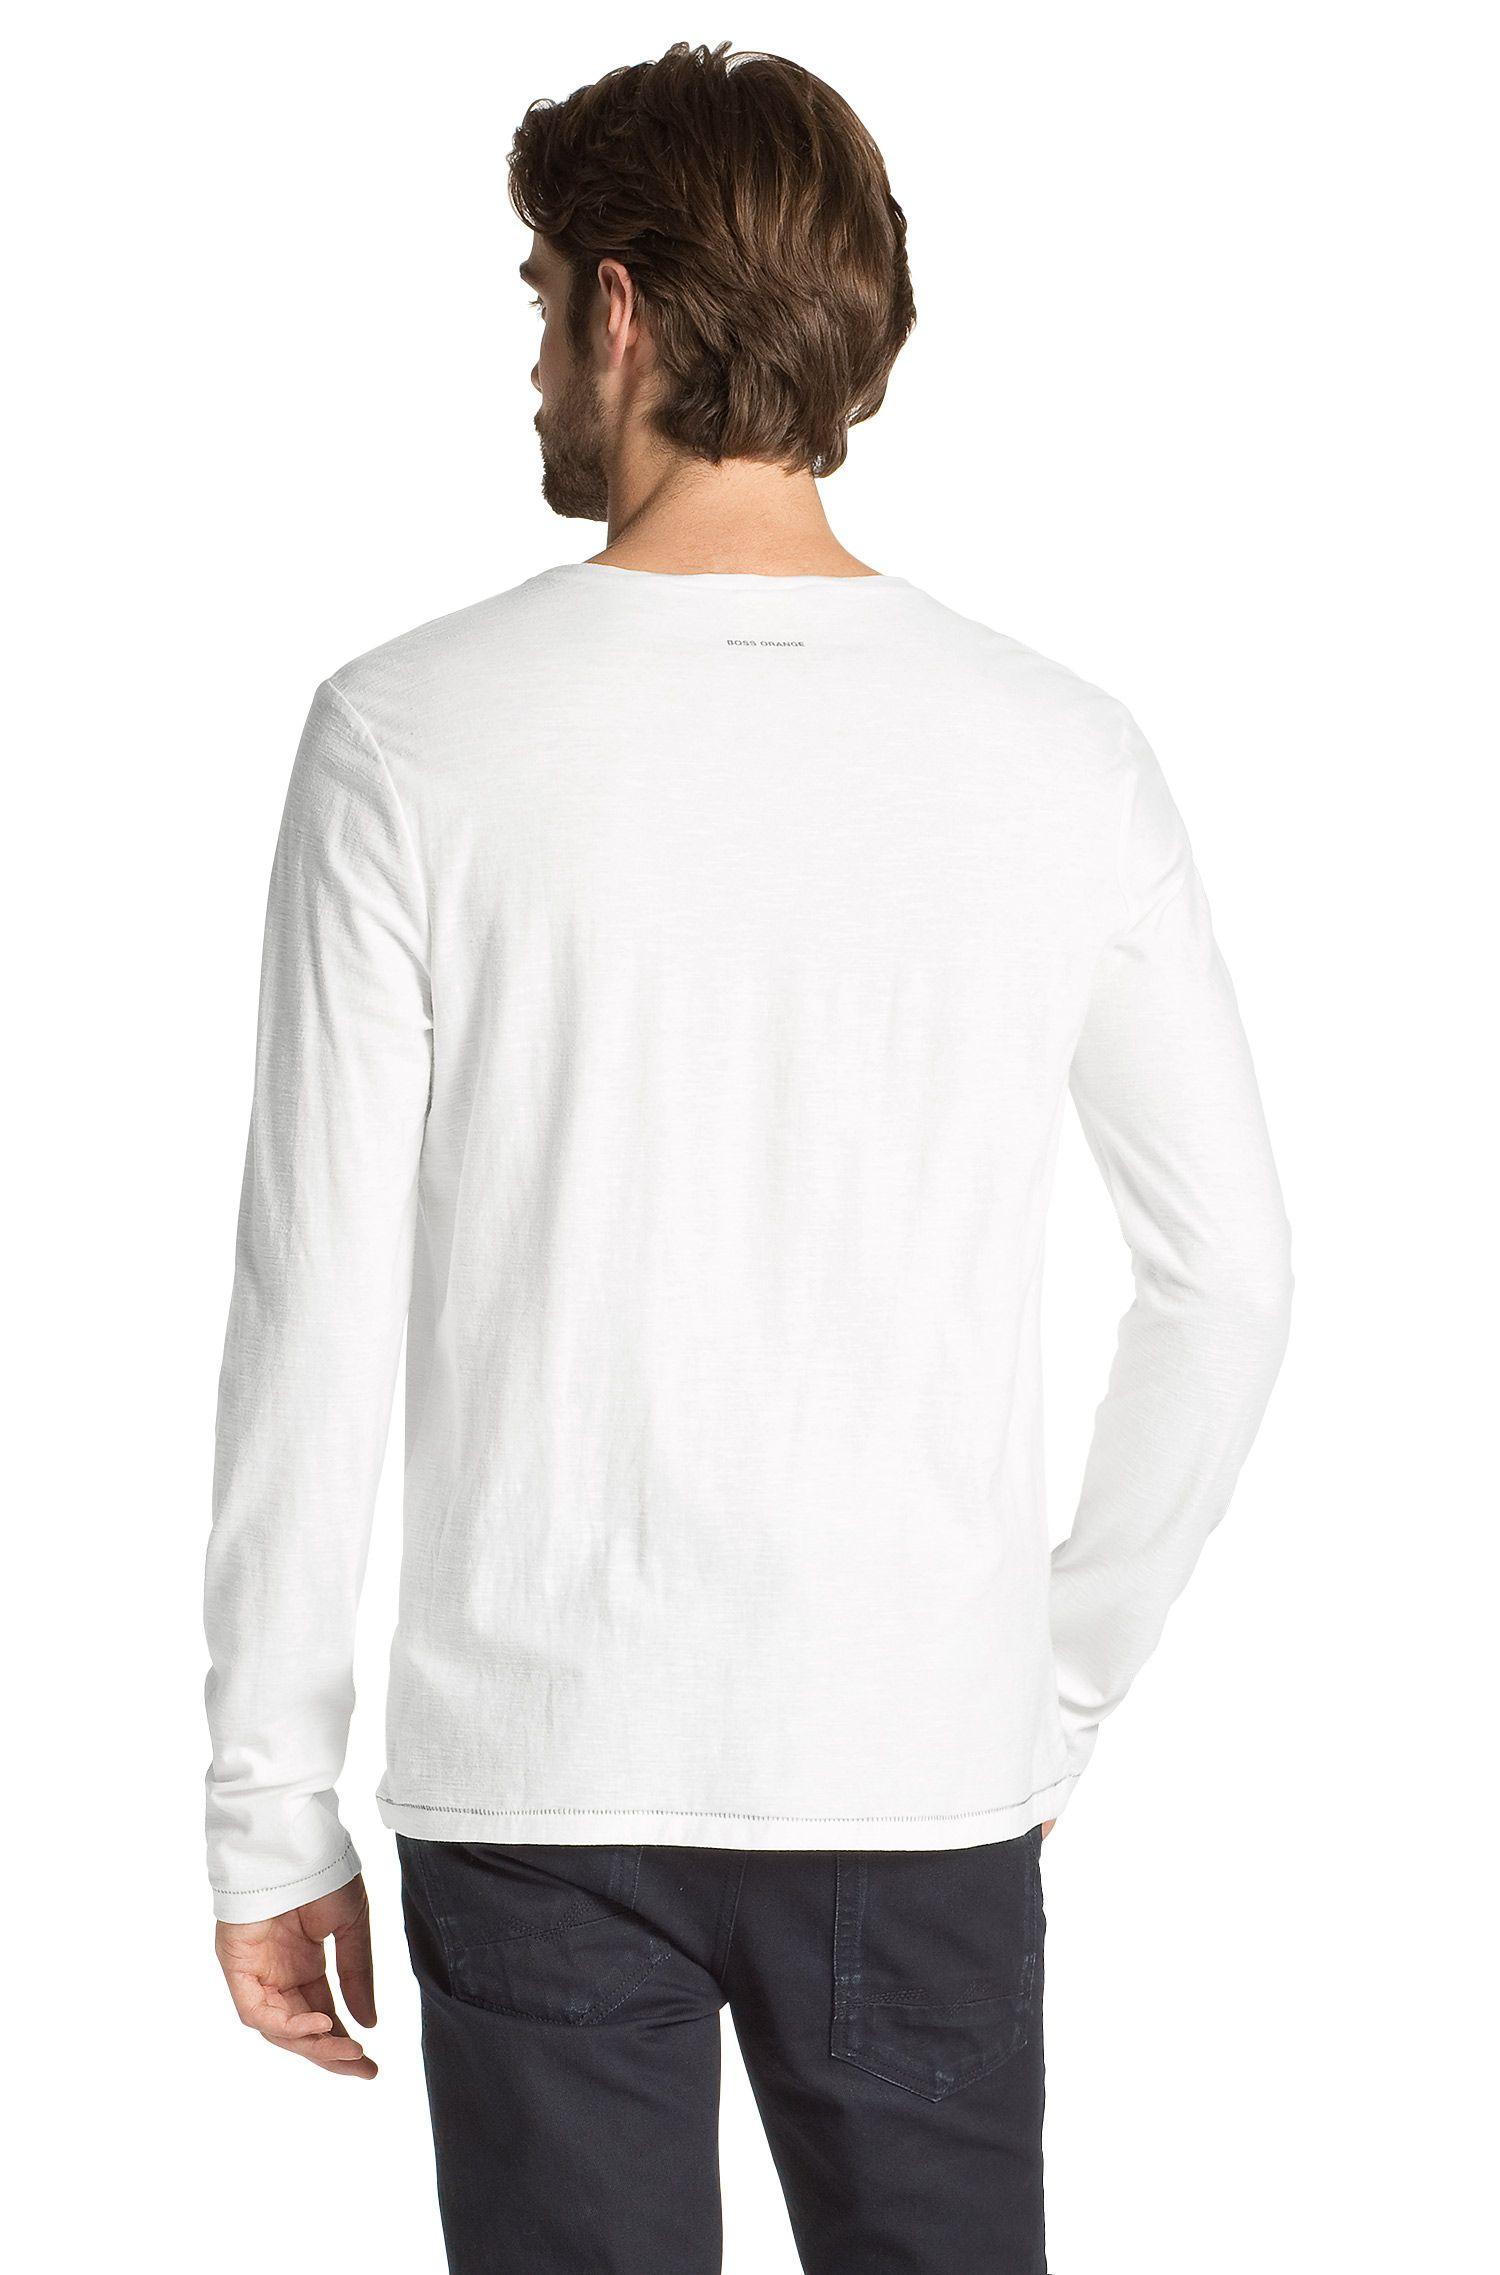 T-shirt manches longues à encolure ronde, Tive